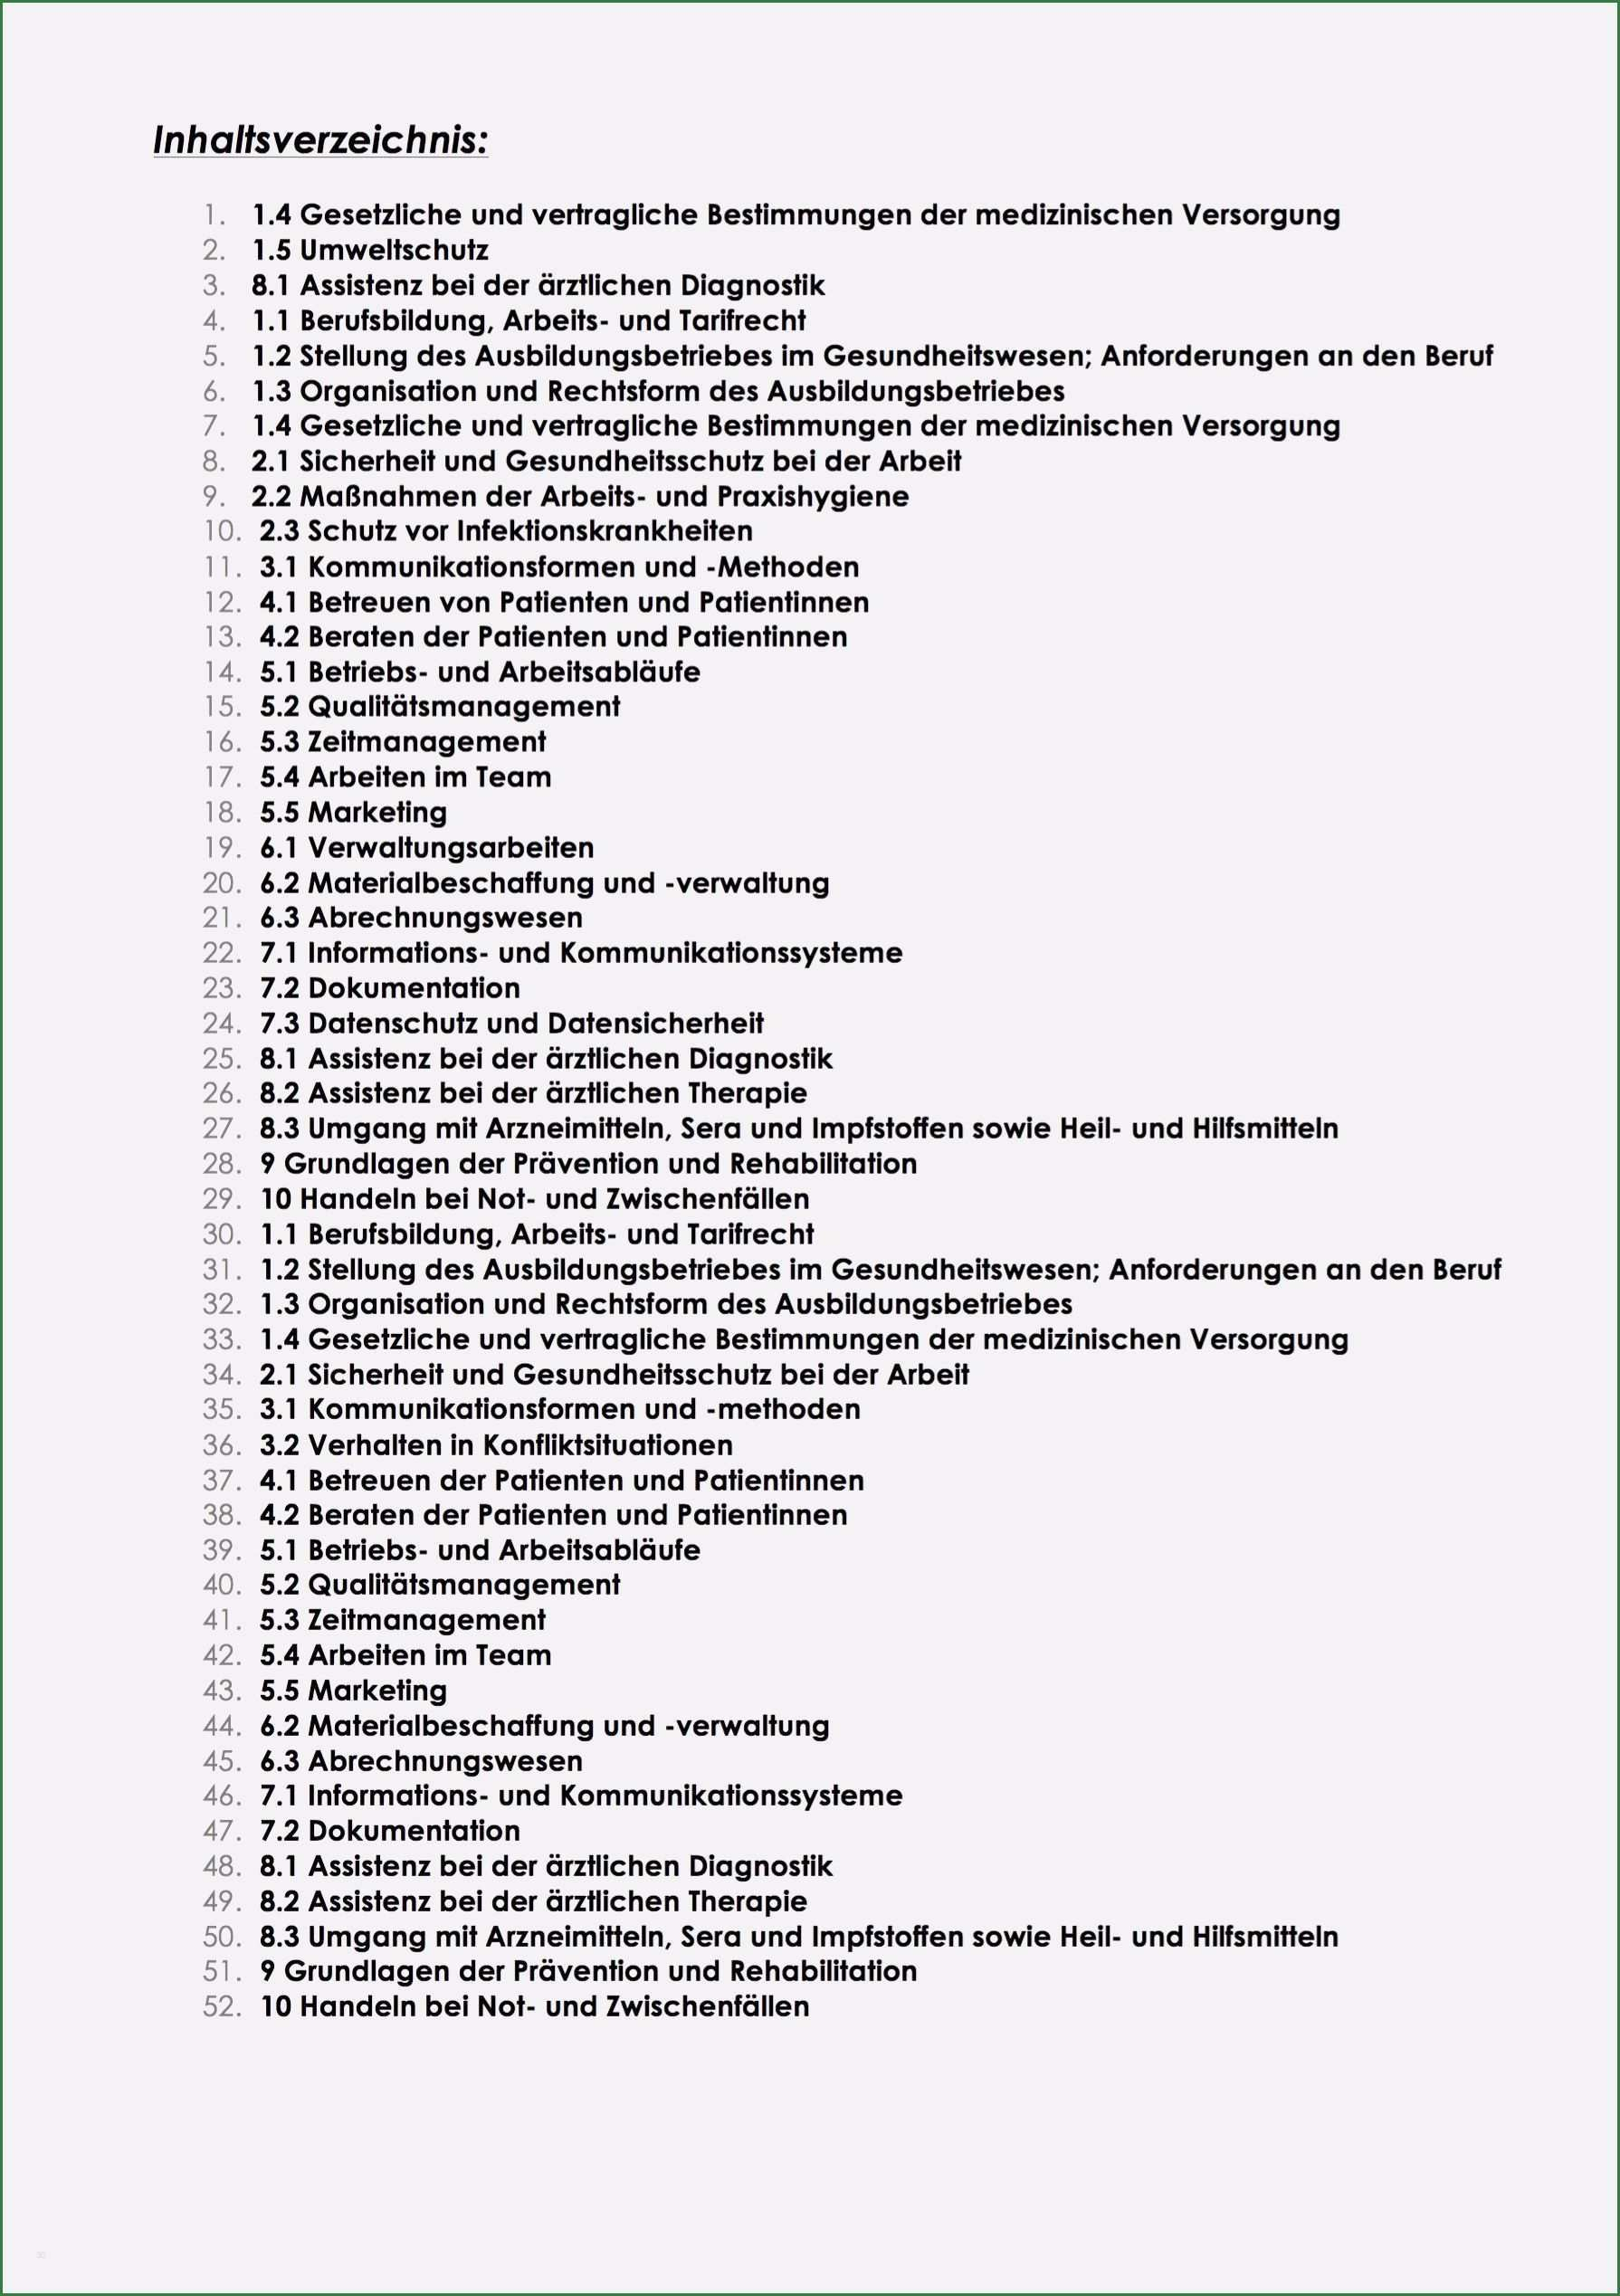 17 Erstaunlich Berichtsheft Vorlage Zahnmedizinische Fachangestellte Modelle Zahnmedizinische Fachangestellte Lebenslauf Medizin